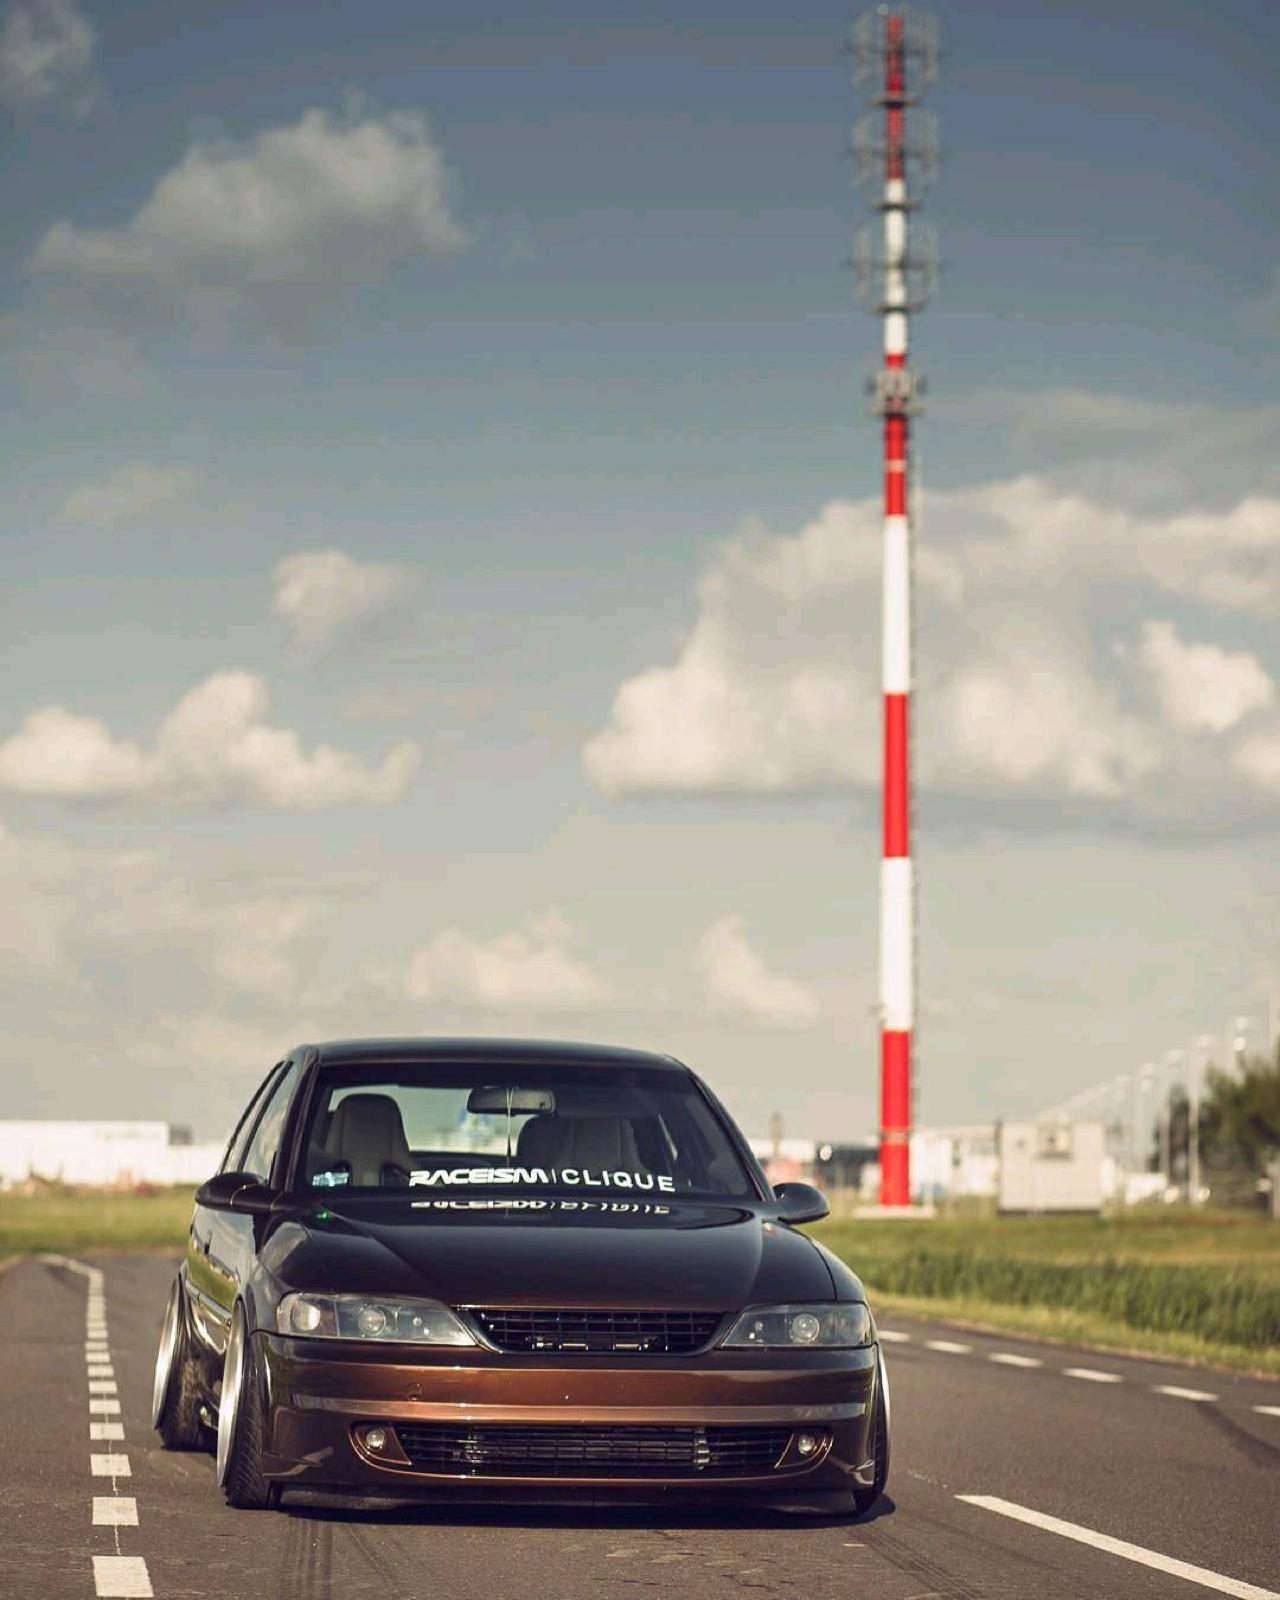 Slammed Opel Vectra... Pari osé ! 31